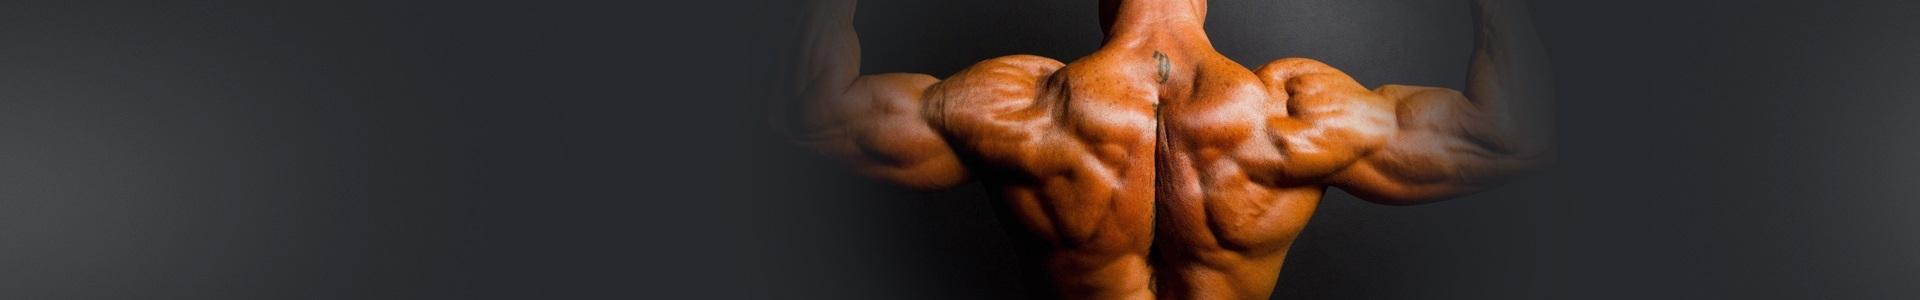 哑铃背部肌肉强化训练-新手(5练/周)